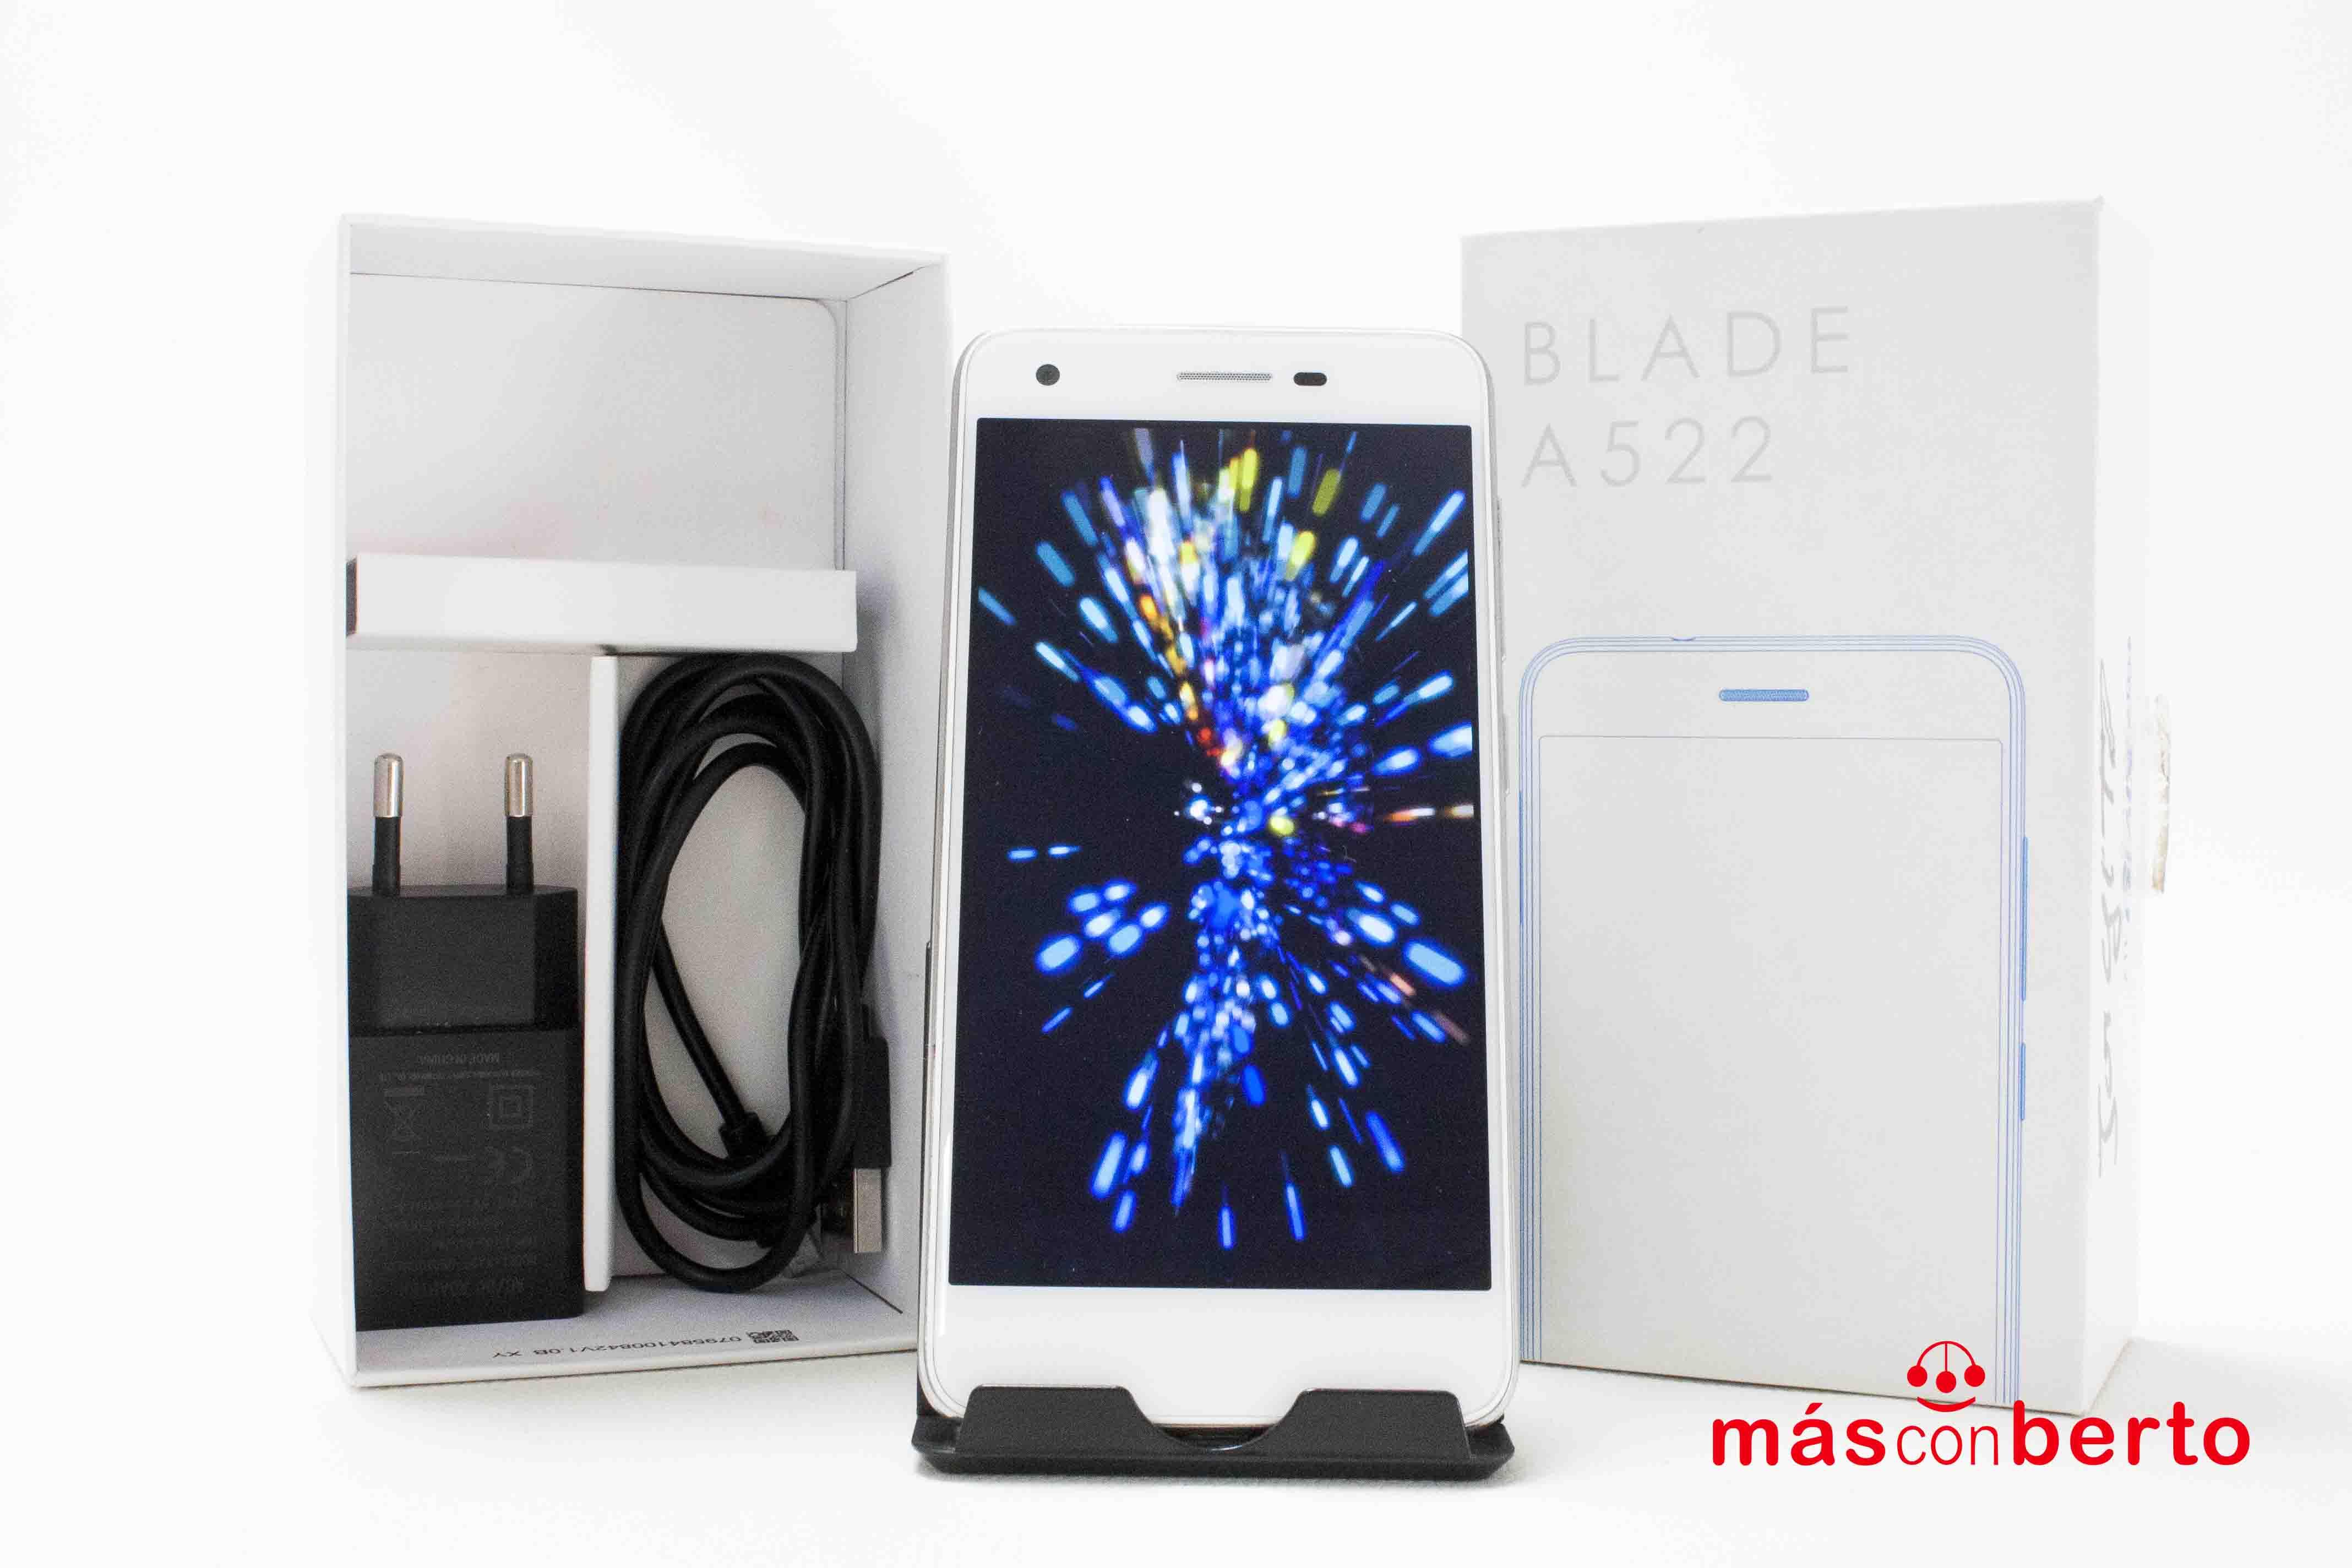 Móvil ZTE BLade A522 16GB